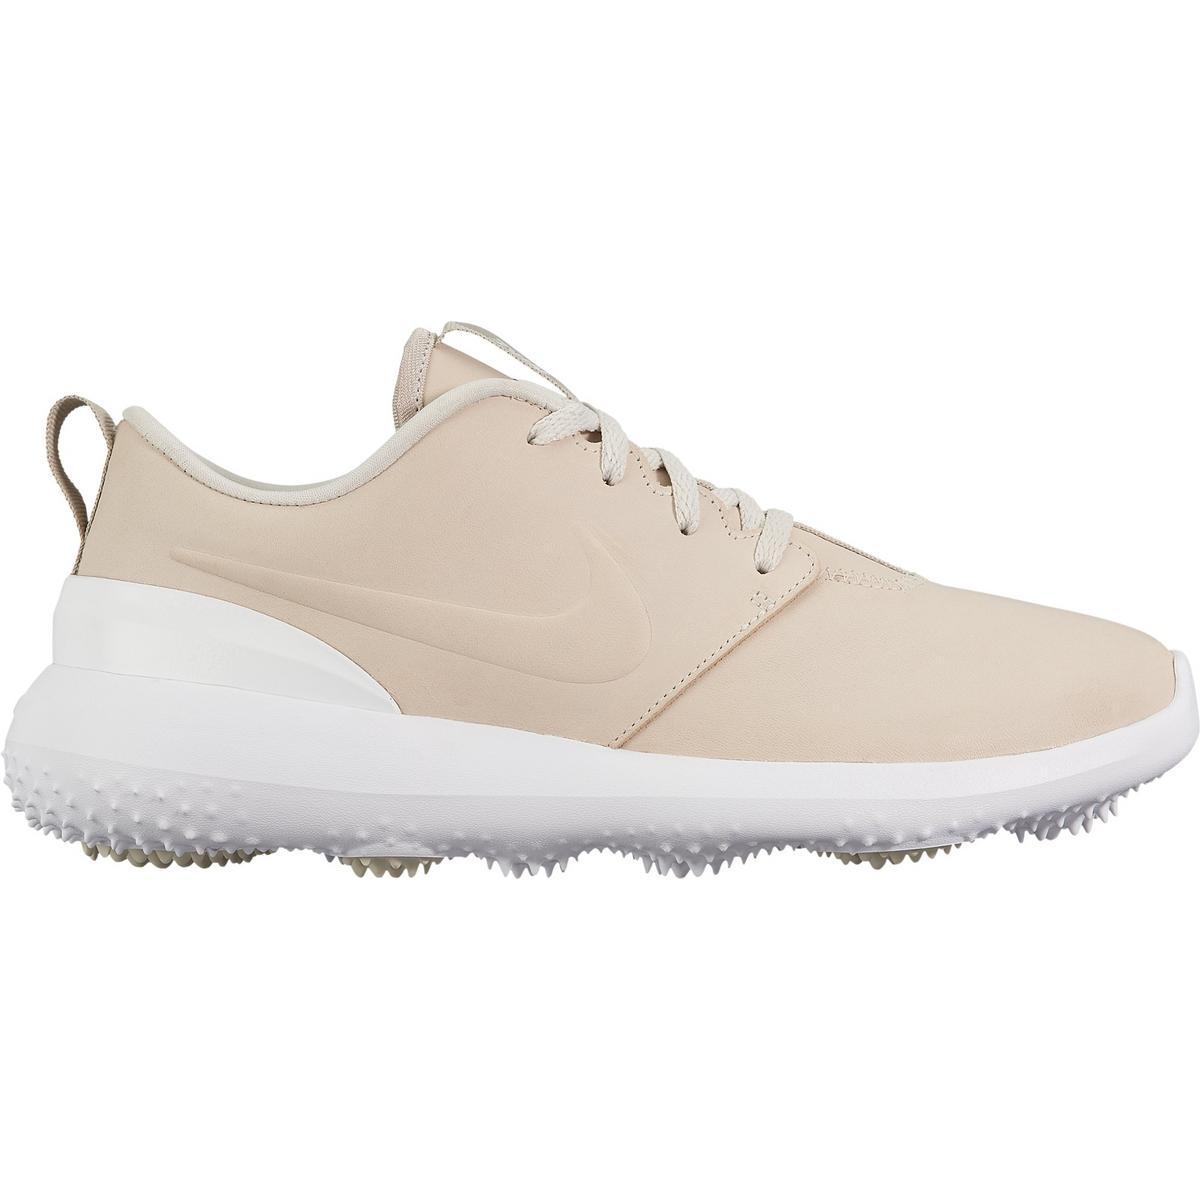 Women s Roshe G Premium Spikeless Golf Shoe – Light Beige   Golf ... 95a07ef678b